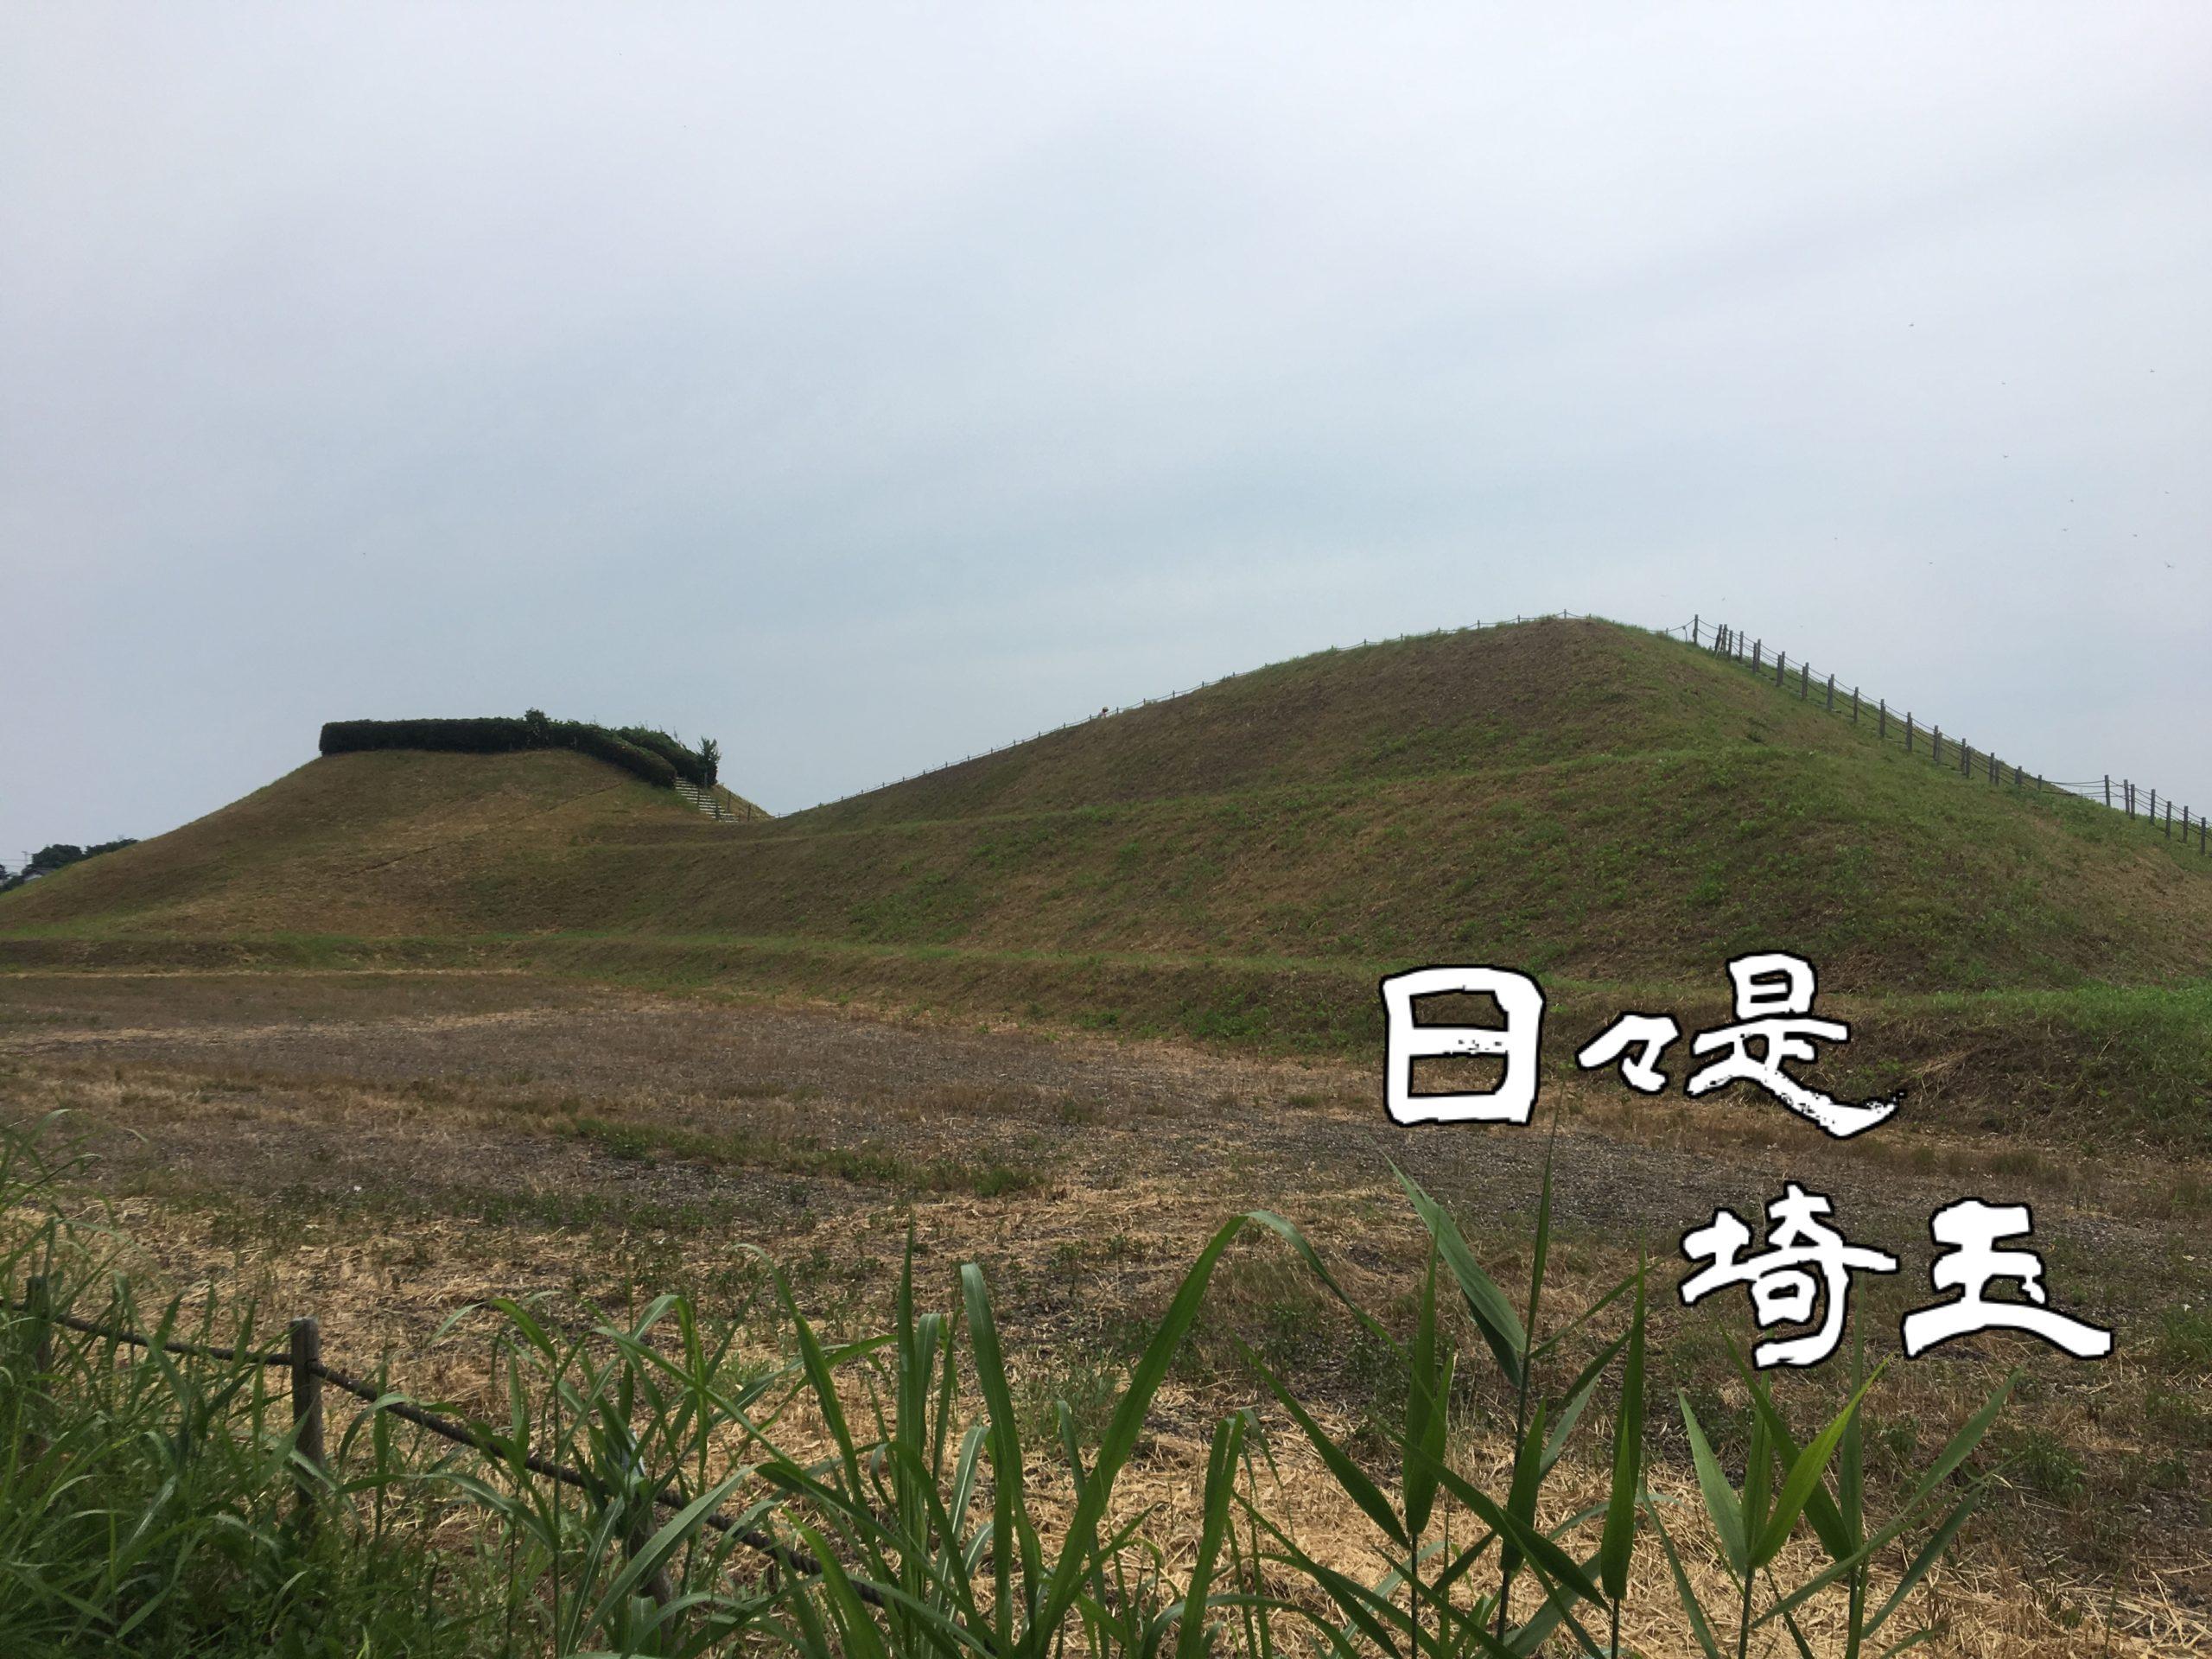 【日々是埼玉 2019/11/16】目指すは世界遺産 埼玉古墳群が県内初の特別史跡に指定